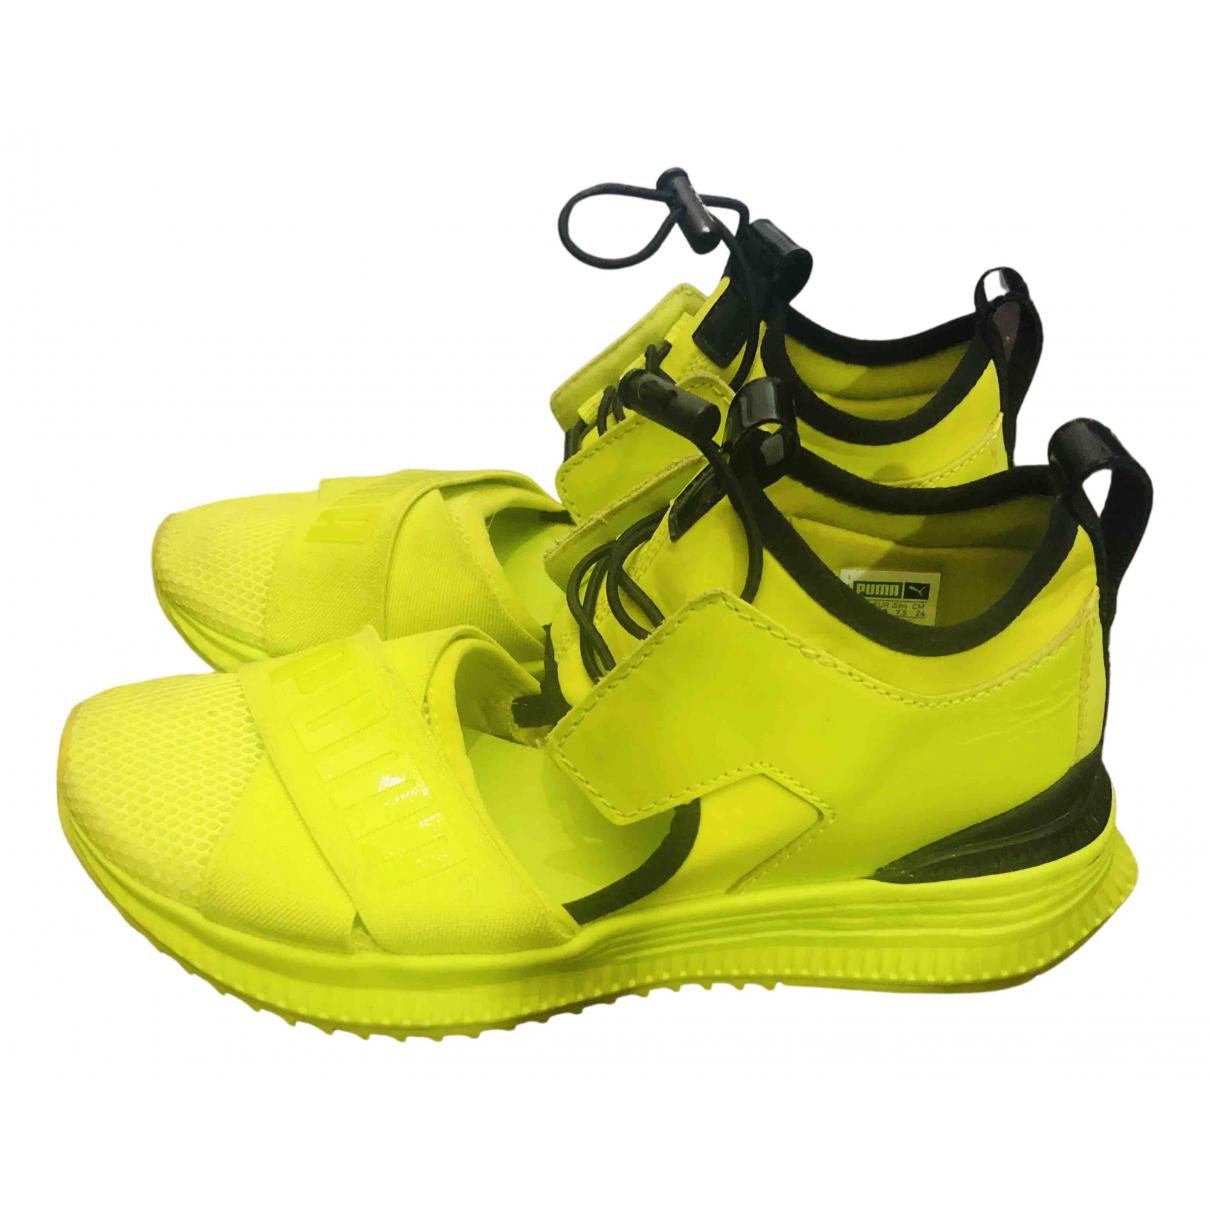 Fenty X Puma - Baskets   pour femme en toile - jaune